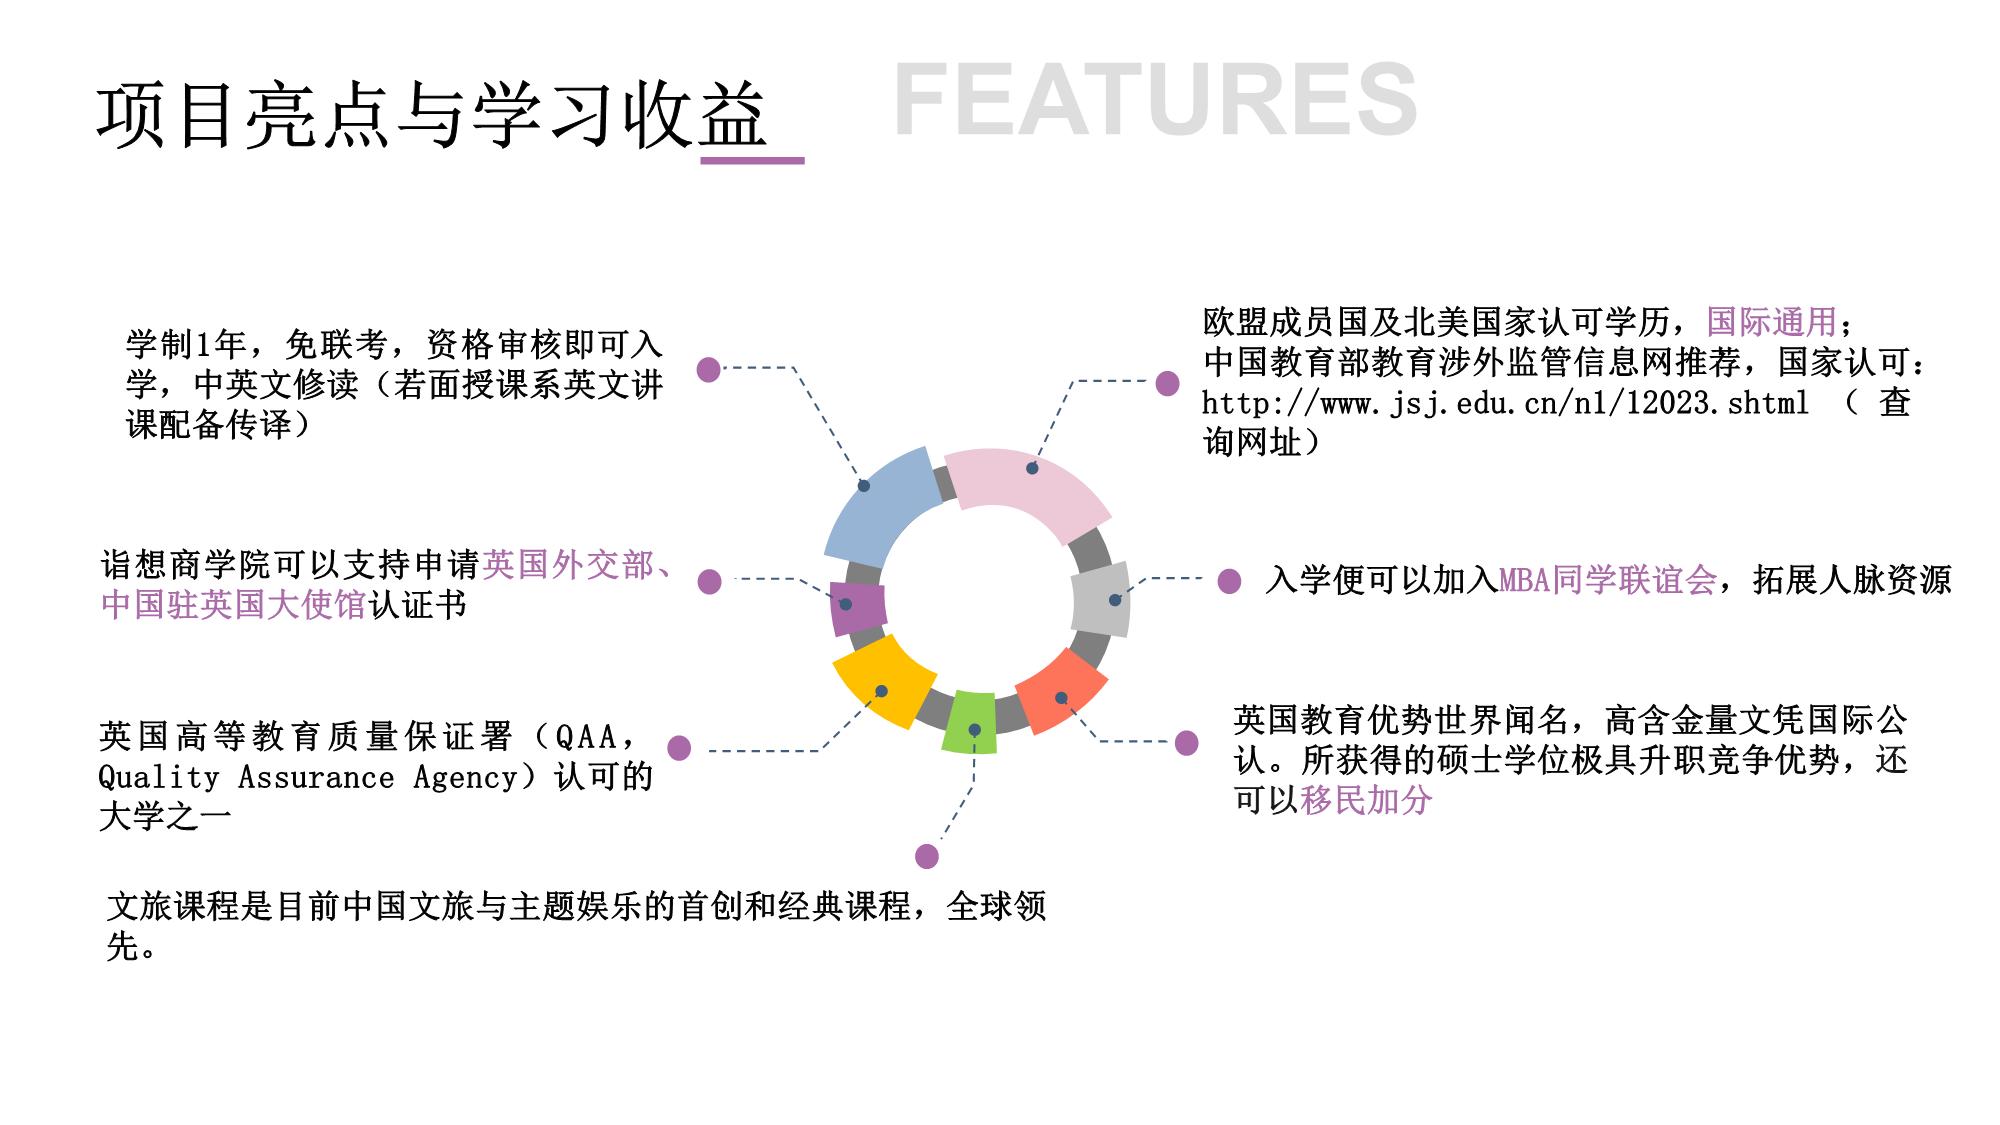 文旅与主题娱乐研究生四期班UWS学位(2020.6.17)(3)-3.png